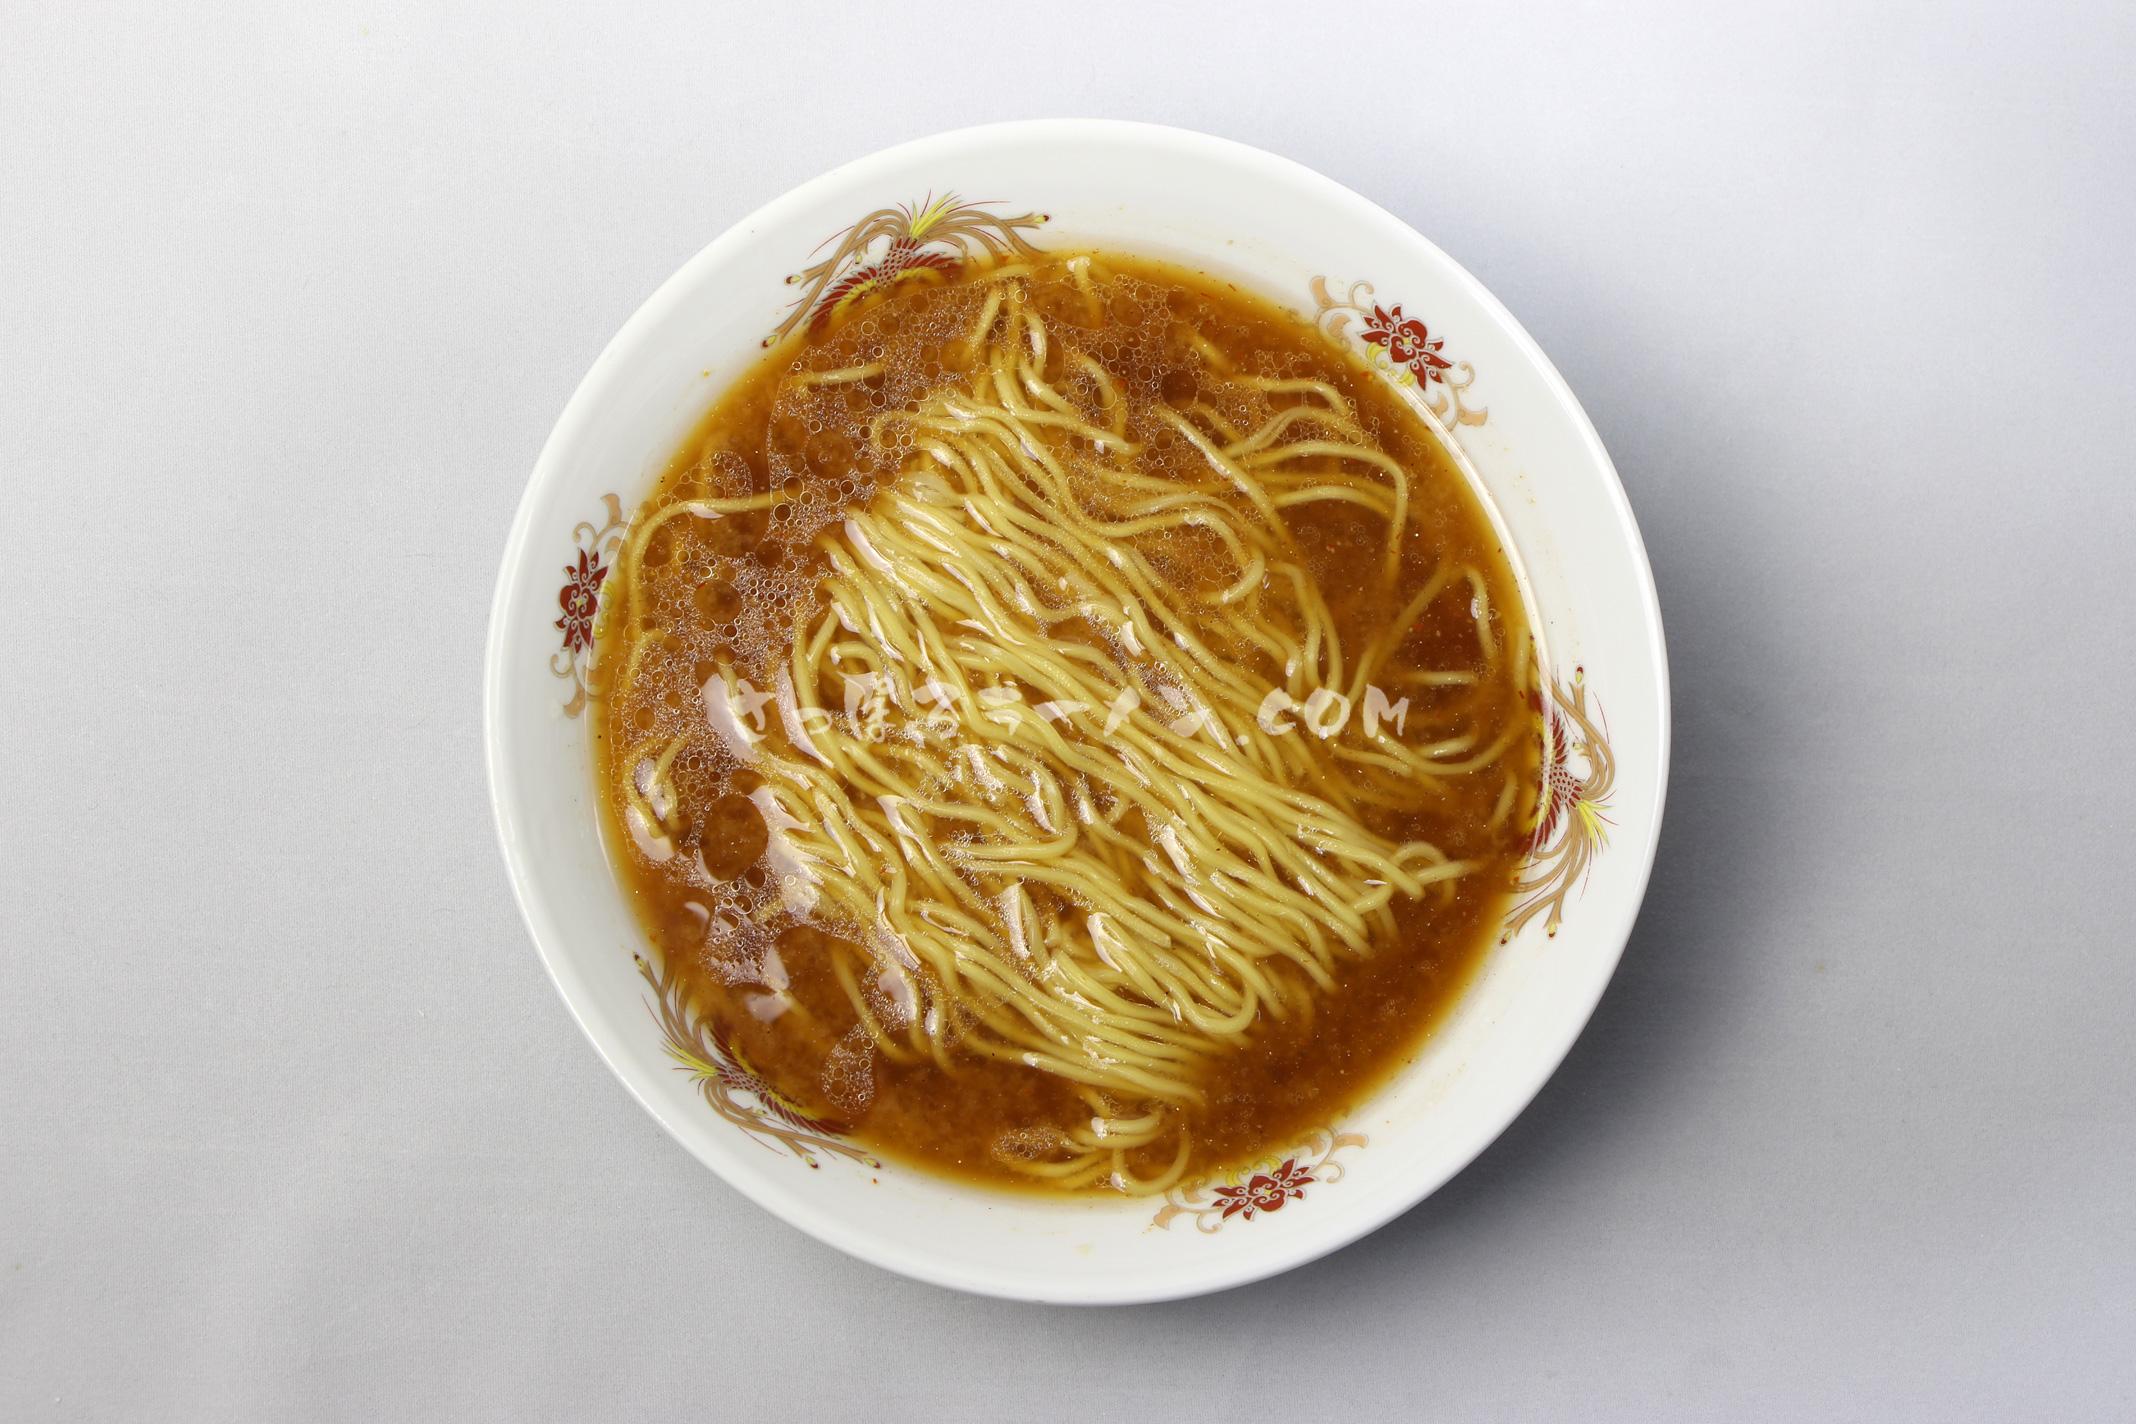 「 旭川らぅめん 青葉 みそ味」(藤原製麺)の完成画像